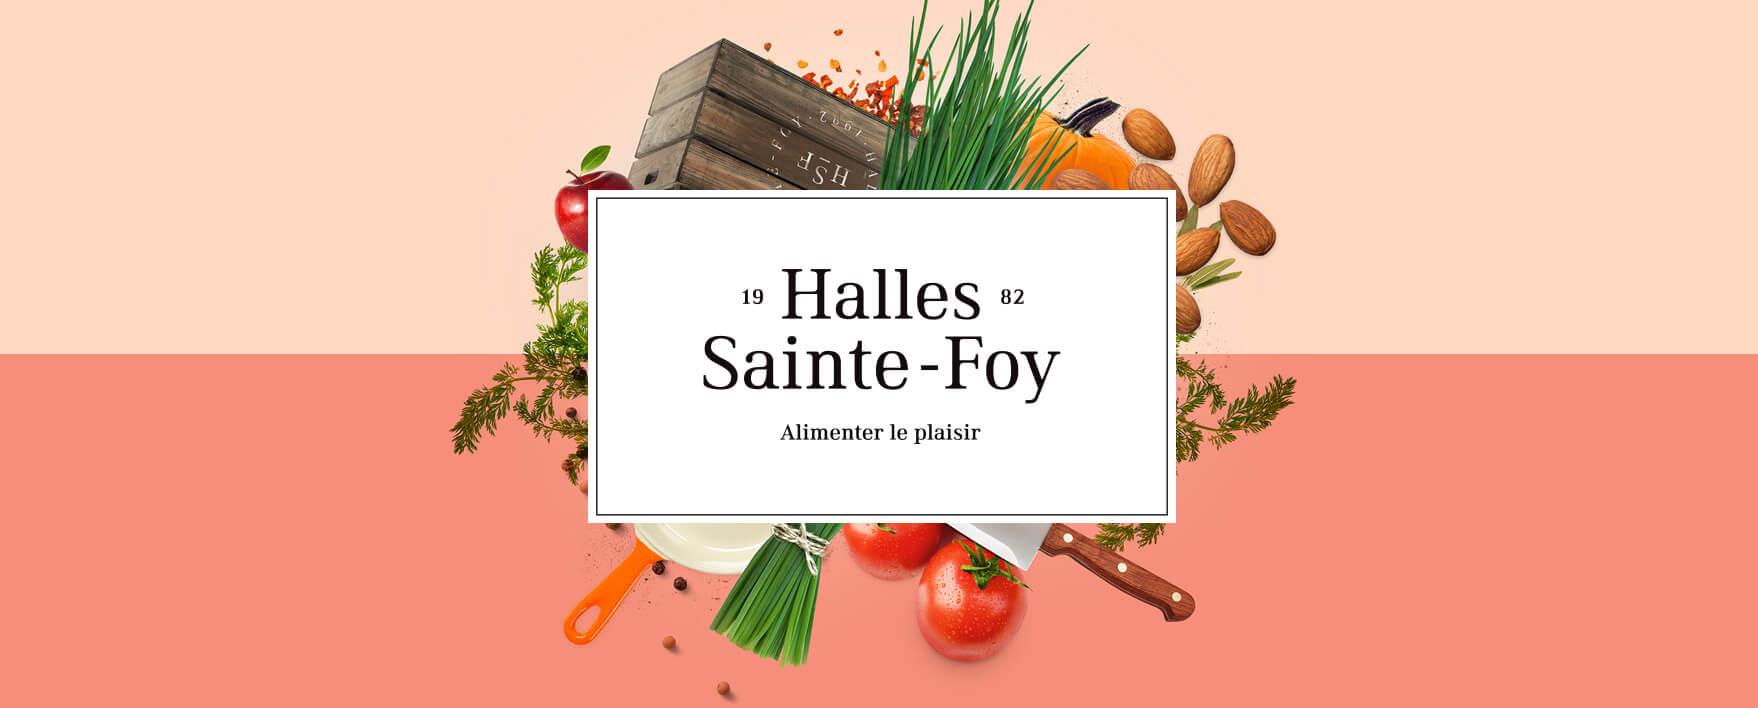 Une promo alléchante pourlelancement automnal desHallesSainte-Foy